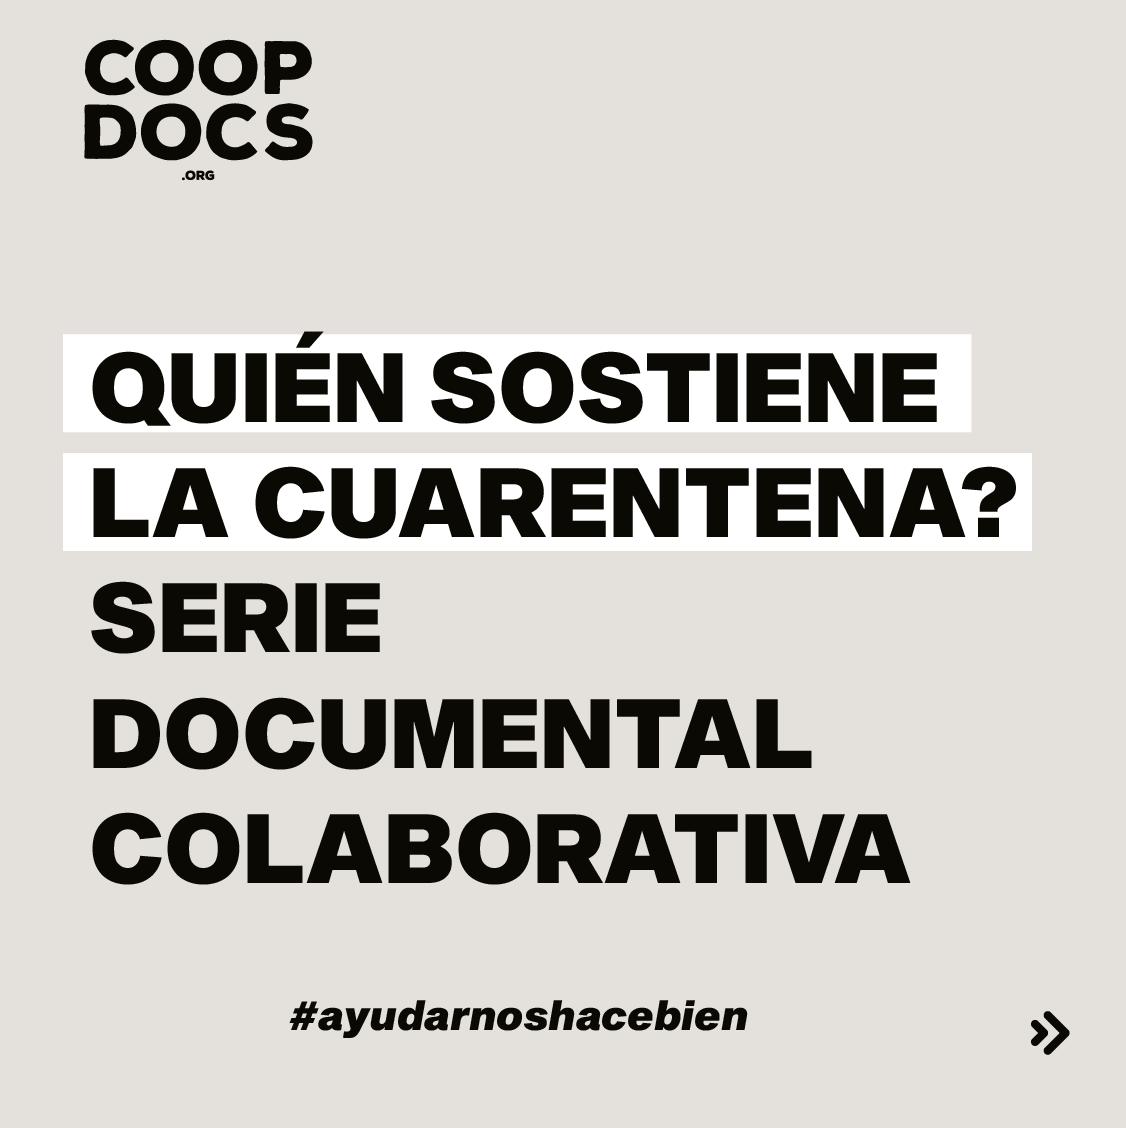 linea grafica_ campaña cooperativa audiovisual-08